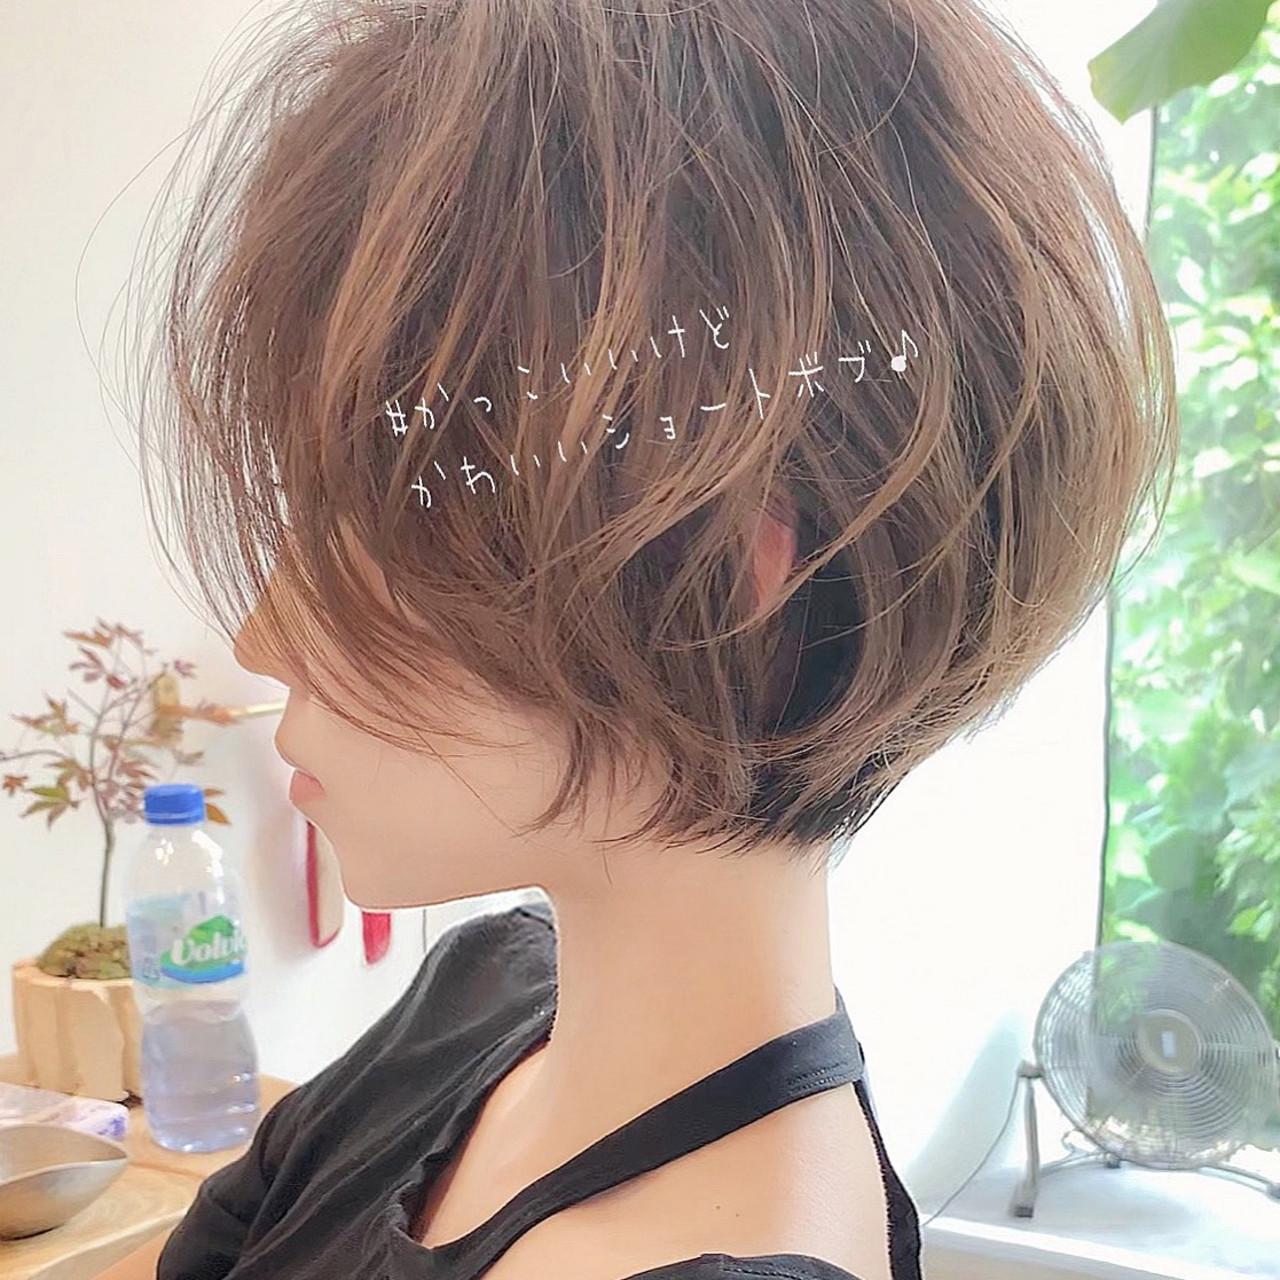 パーマ ショートボブ ヘアアレンジ ショート ヘアスタイルや髪型の写真・画像   ショートボブの匠【 山内大成 】『i.hair』 / 『 i. 』 omotesando